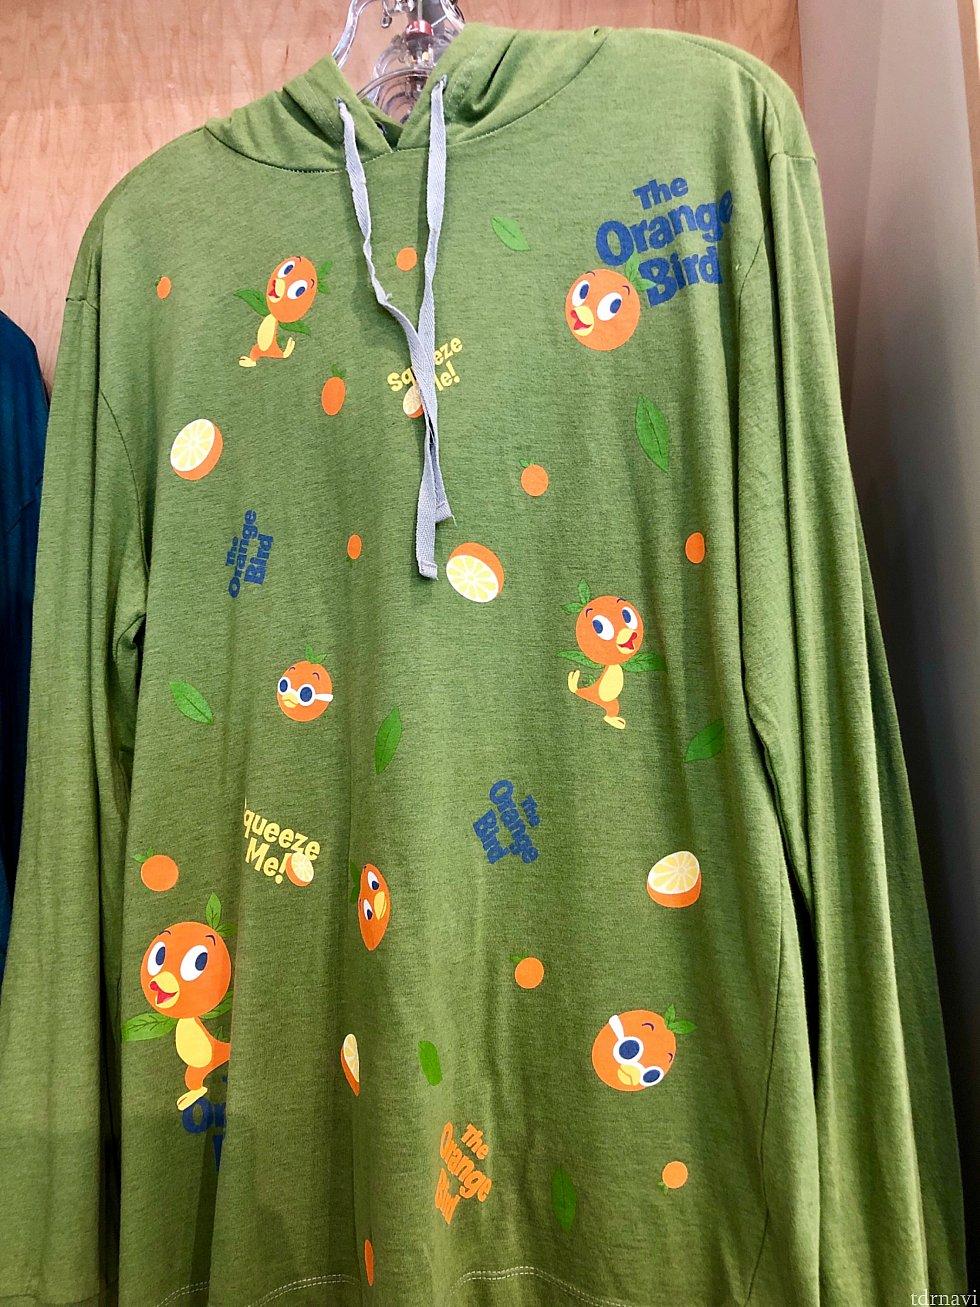 フード付き長袖Tシャツも。$44.99